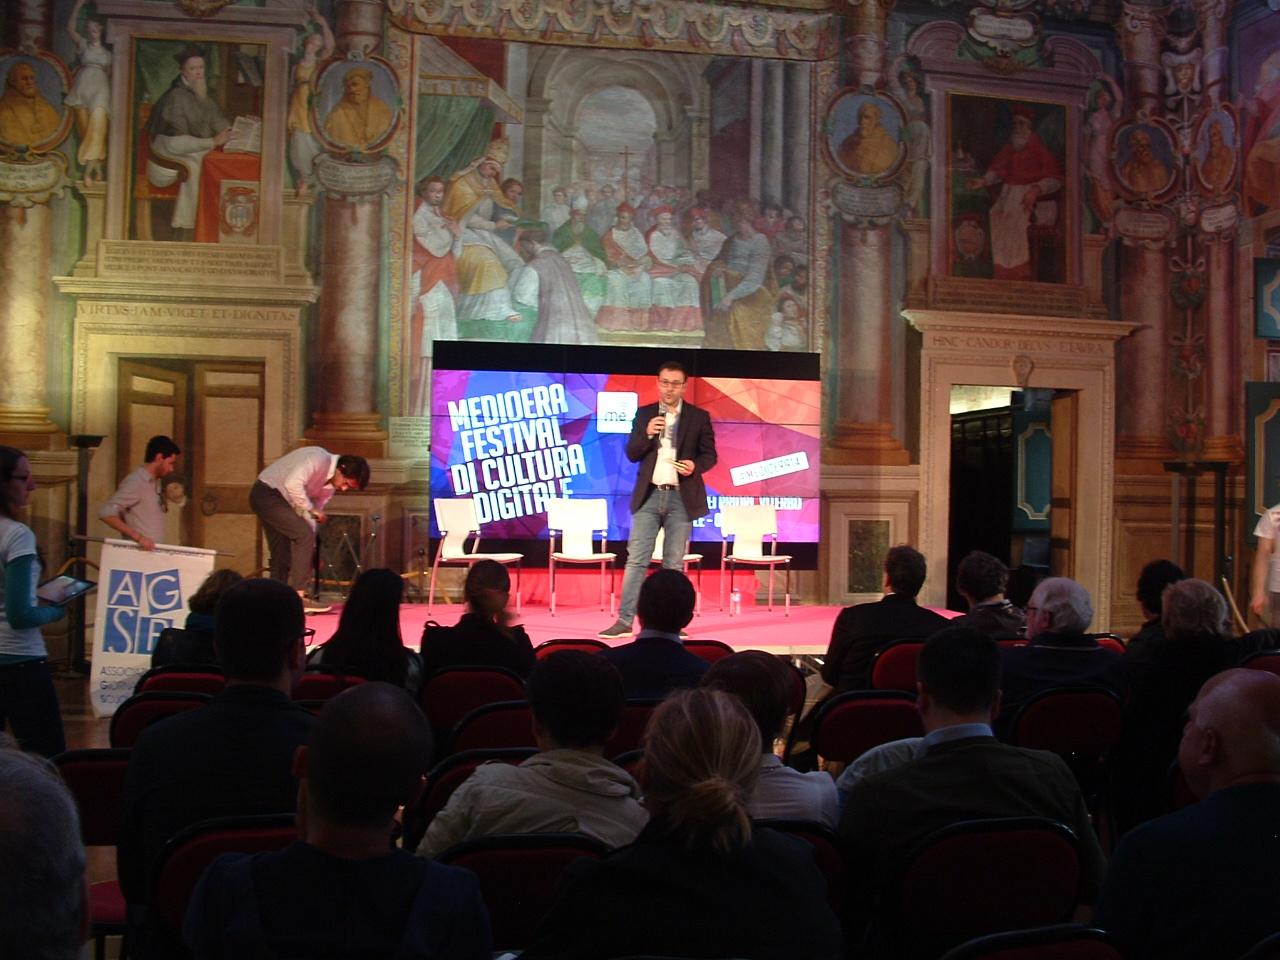 Francesco Cutro presenta l'evento delll'Agsp al Festival Medioera di Viterbo